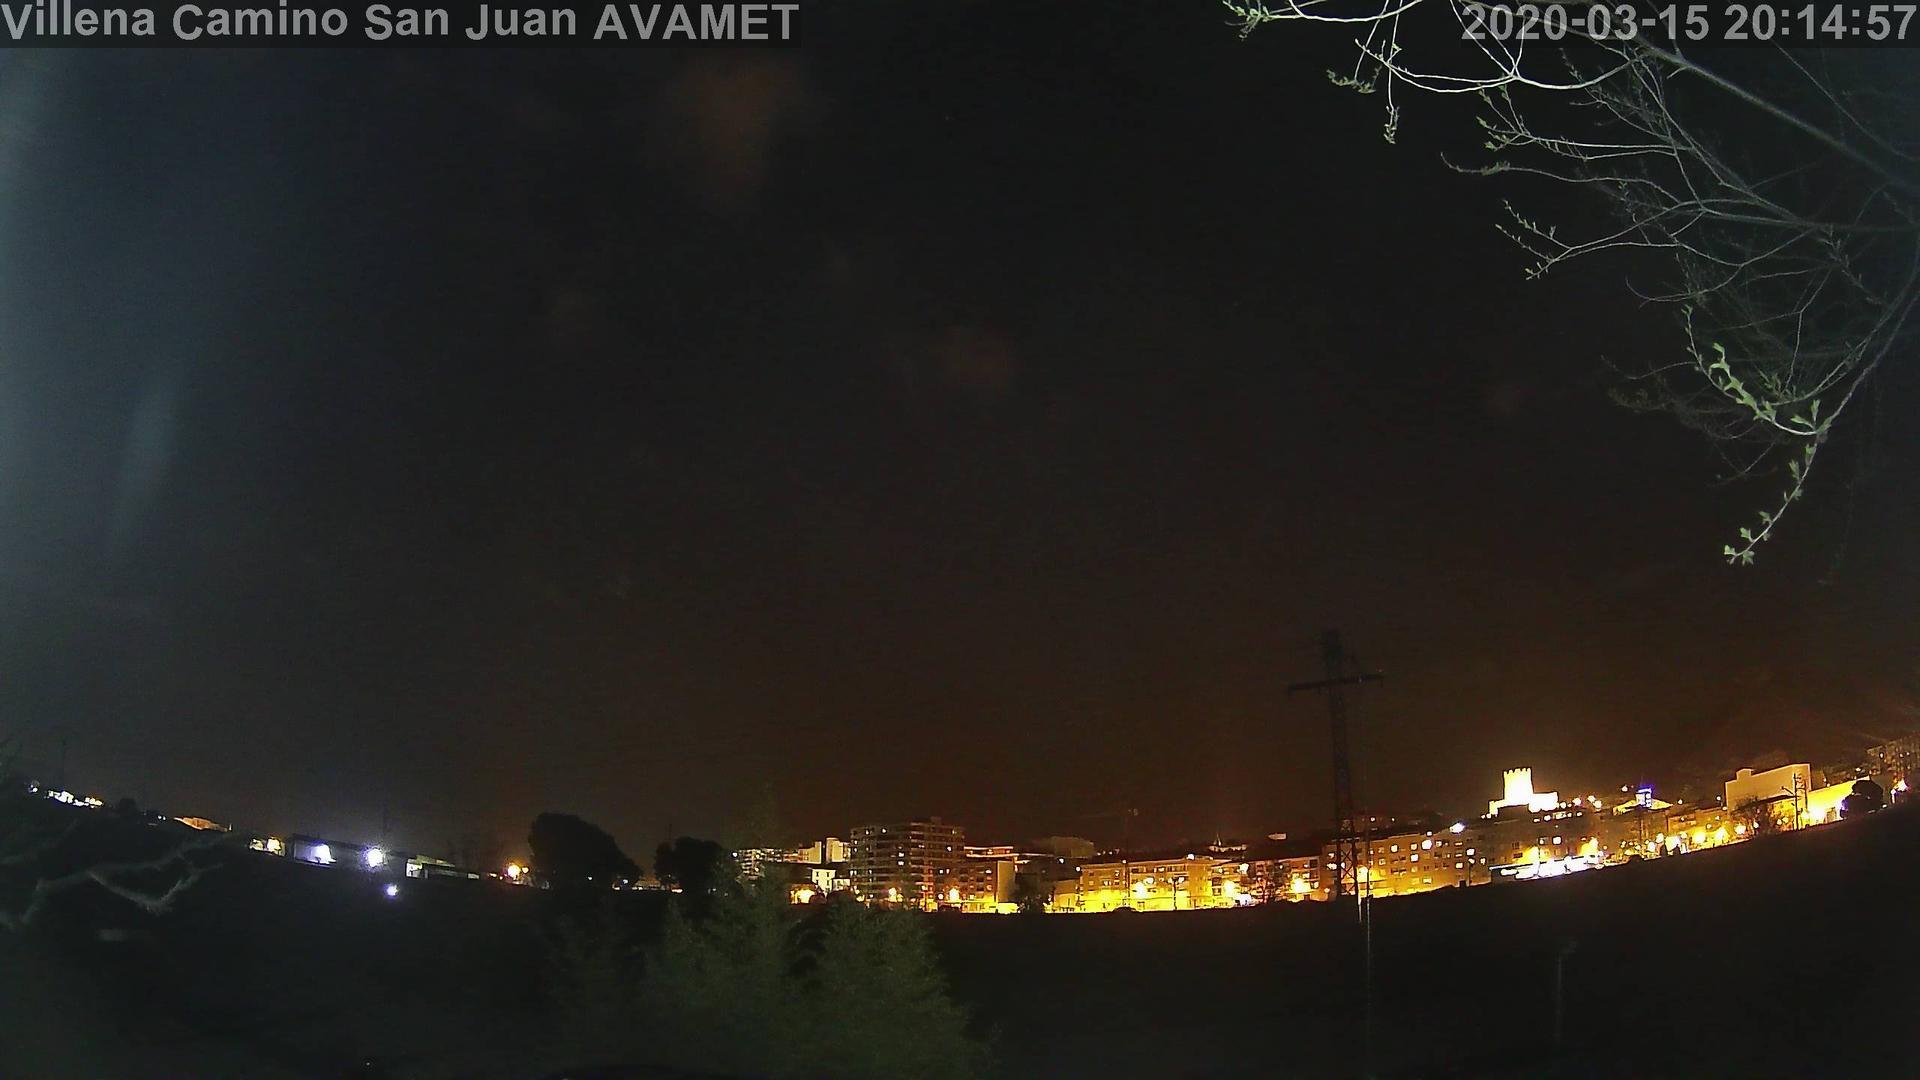 Webkamera Villena › North: Serra de la Vila